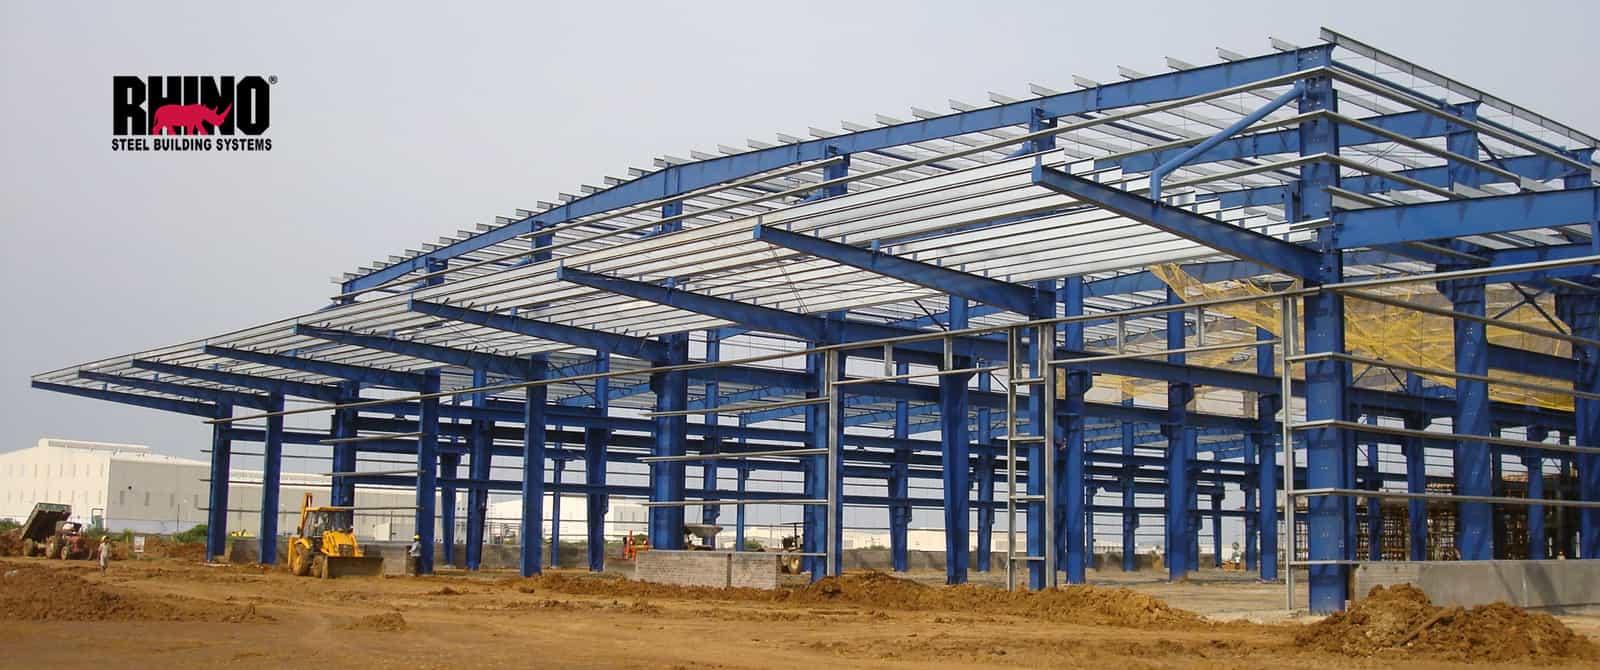 Rhino Steel Buildings